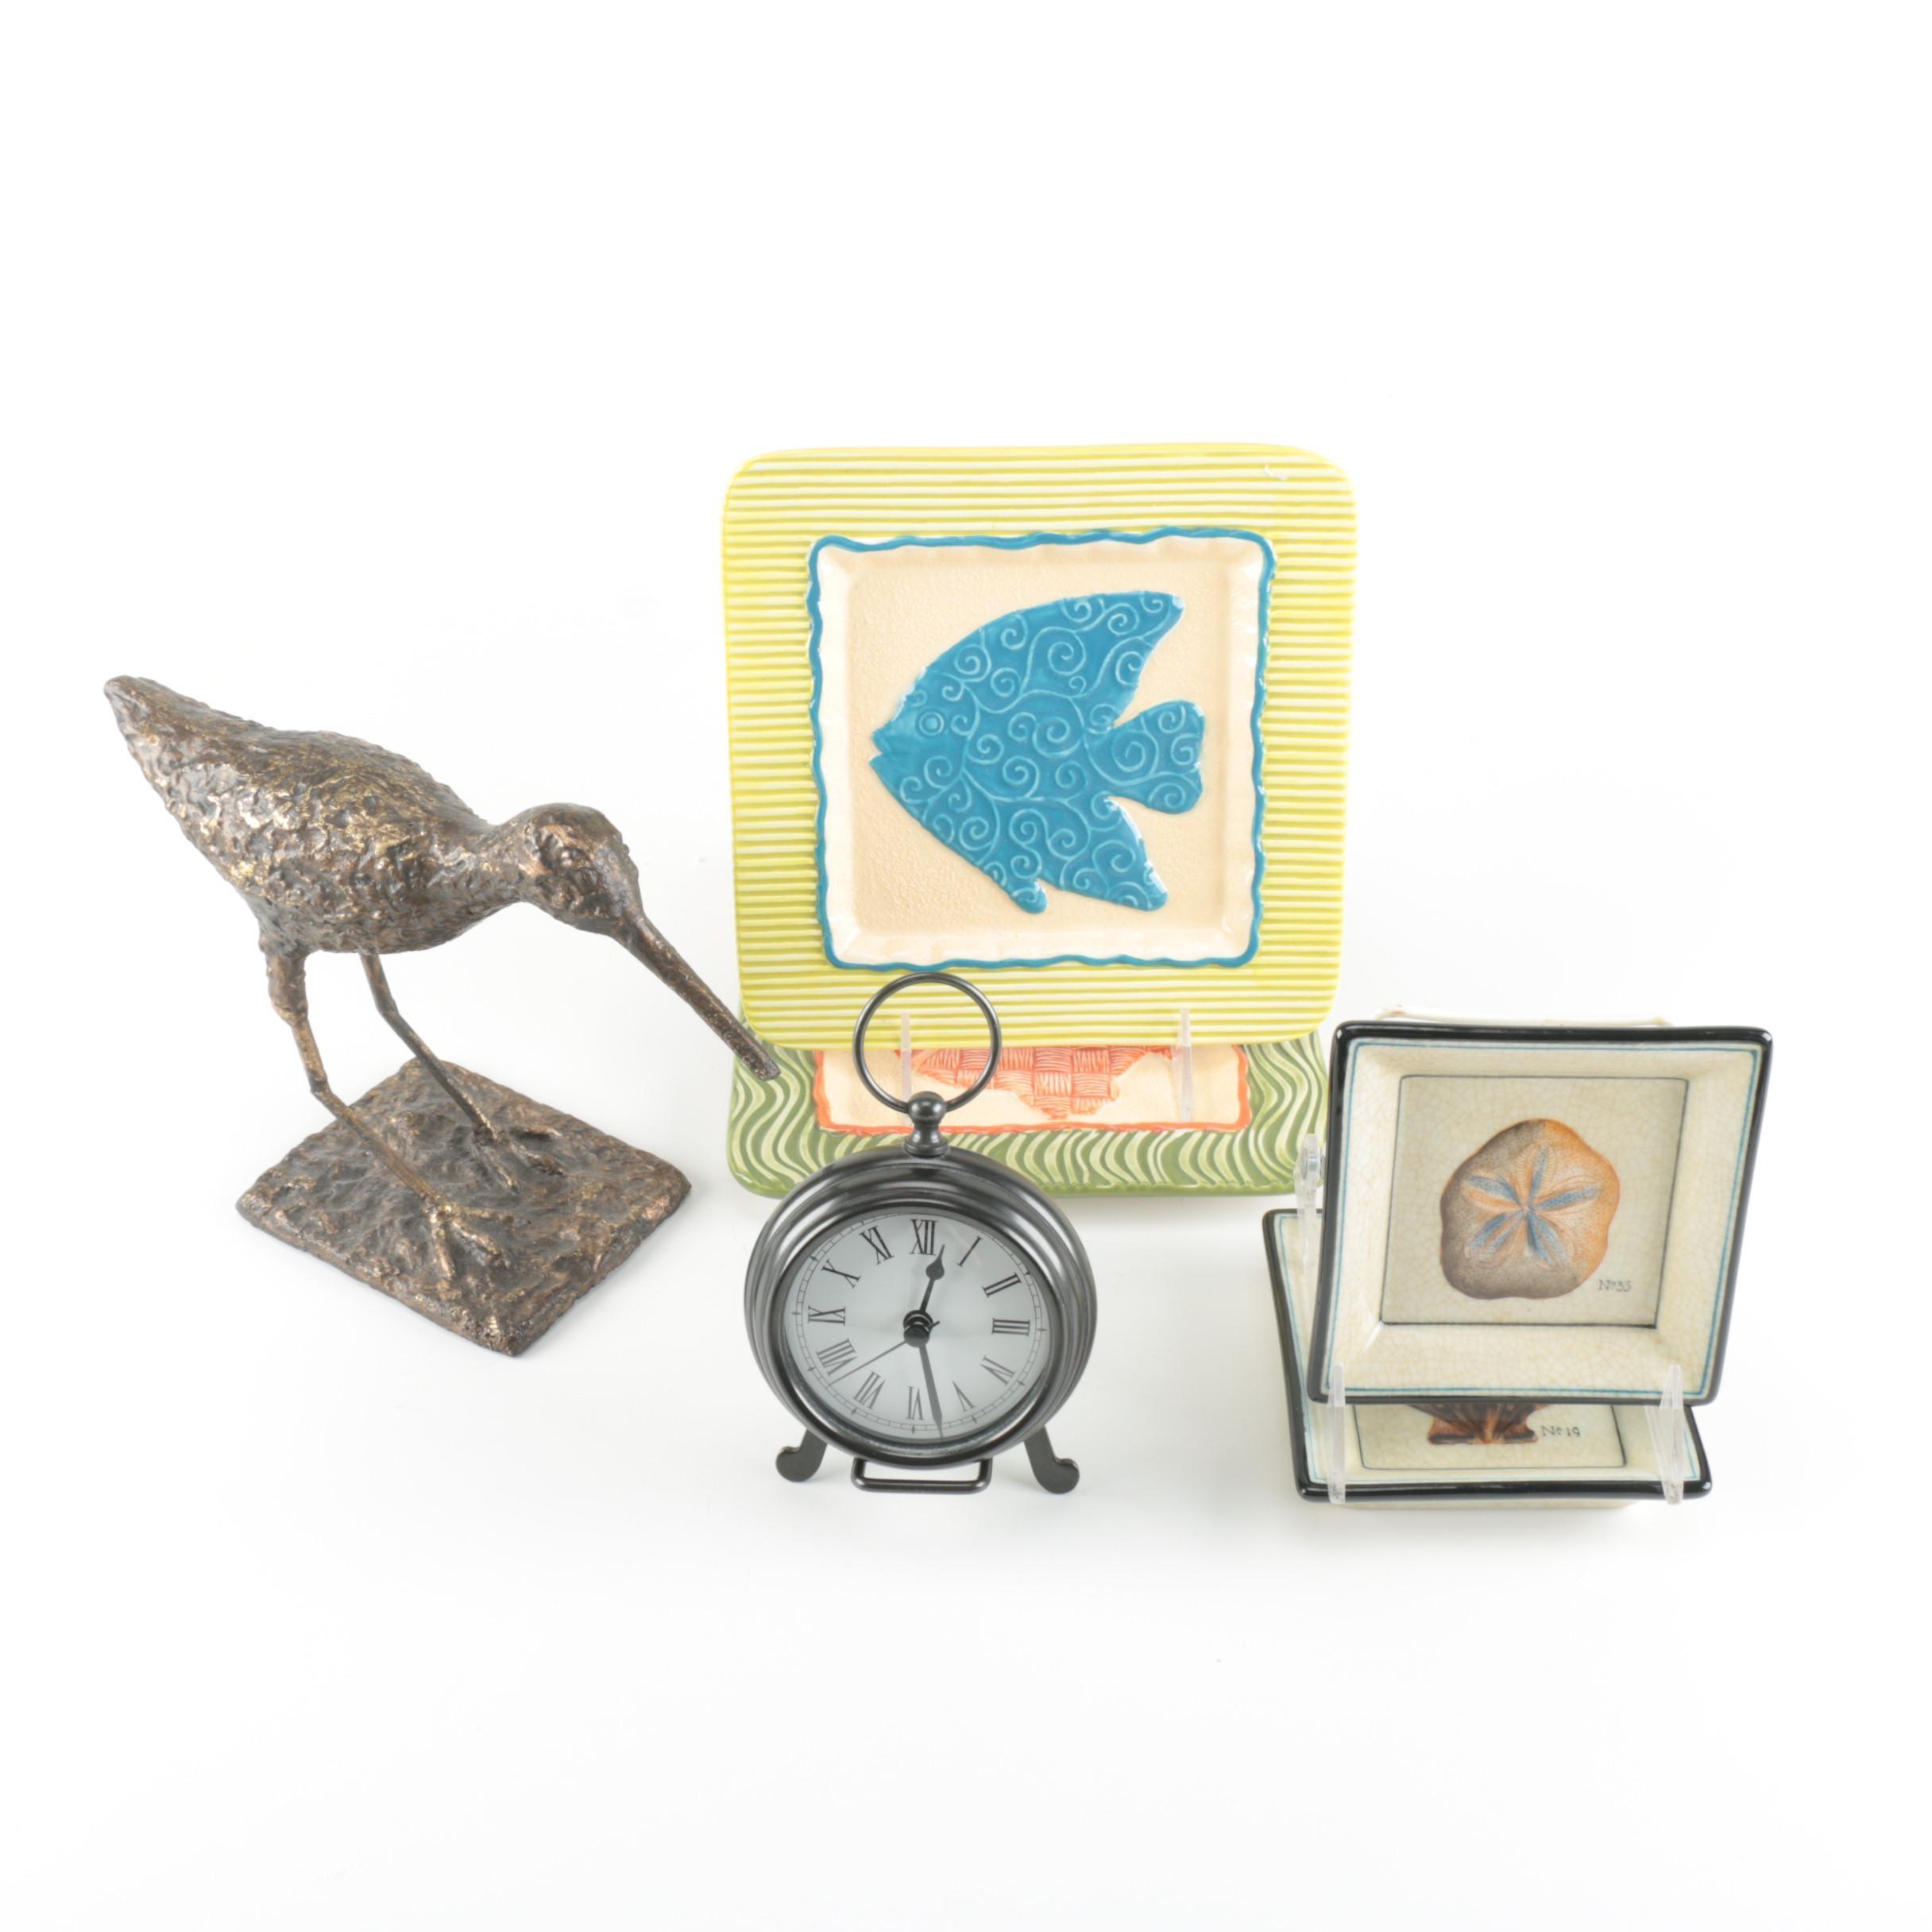 Beach-Themed Décor With Desk Clock